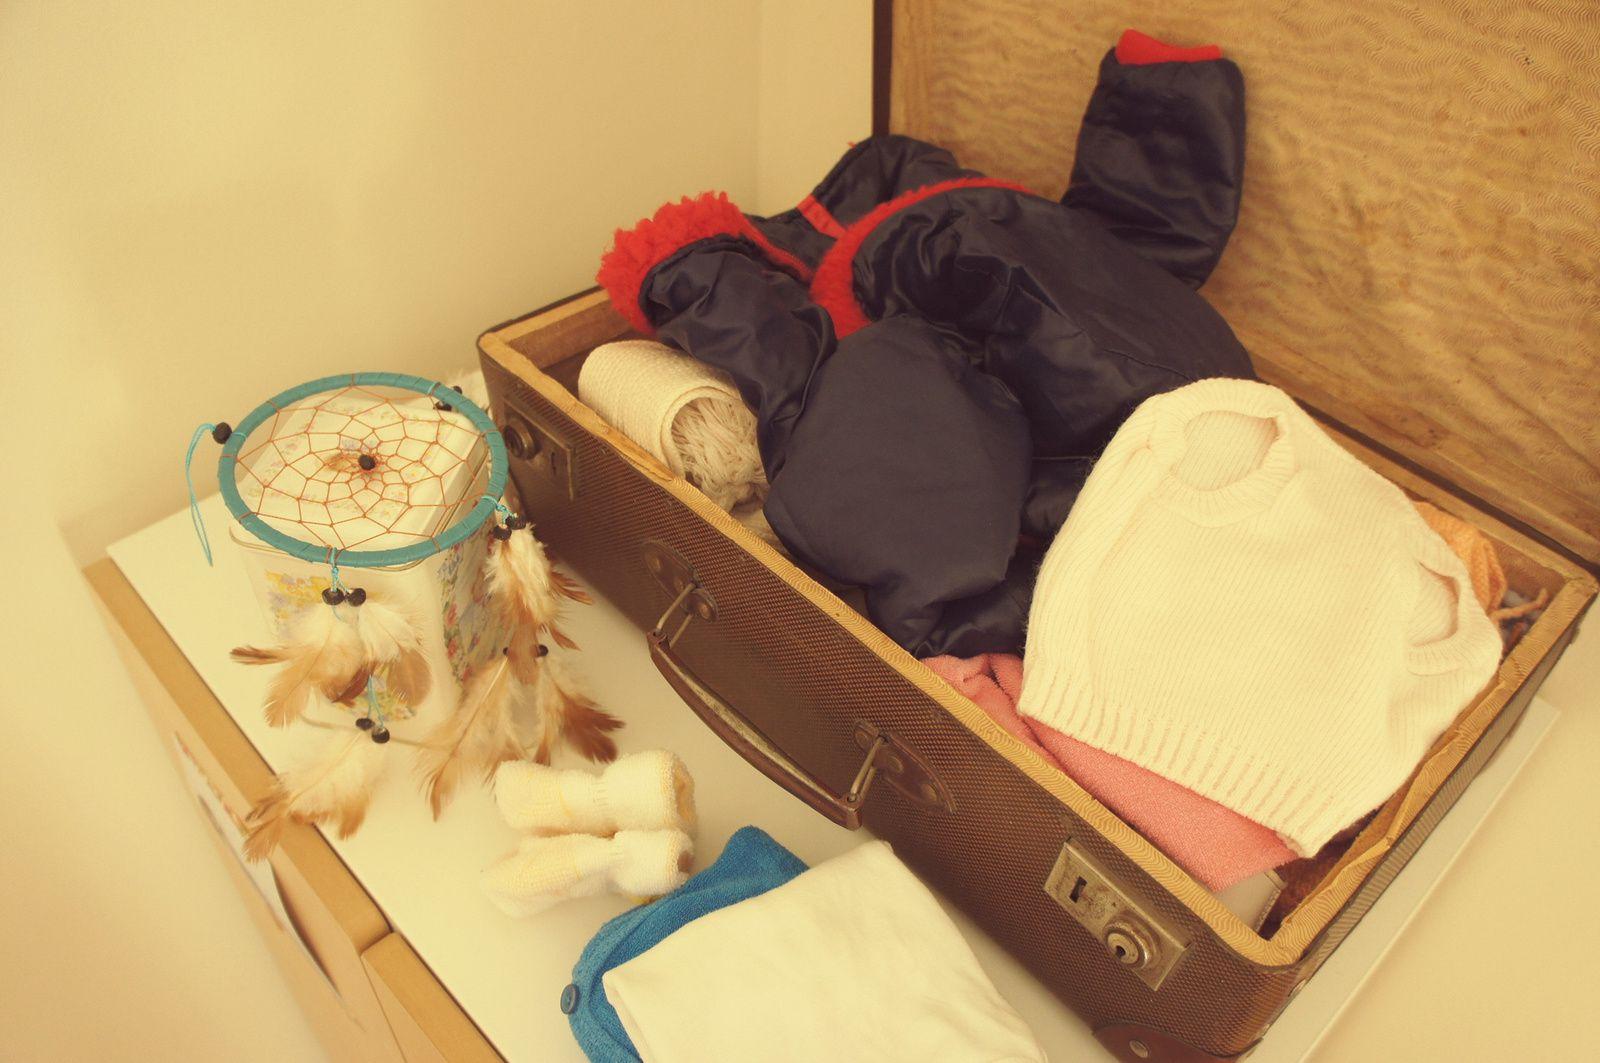 Une fois lavé, mon linge de bébé est plié et rangé dans une valise ancienne qui coiffe la garde-robe de Poule. Il fera le bonheur de sa poupée, obligée jusqu'alors, à se balader dans le plus simple appareil. Sur la gauche, le dreamcatcher rapporté de... Monschau (si, si, un ex-état confédéré) attend d'être suspendu.